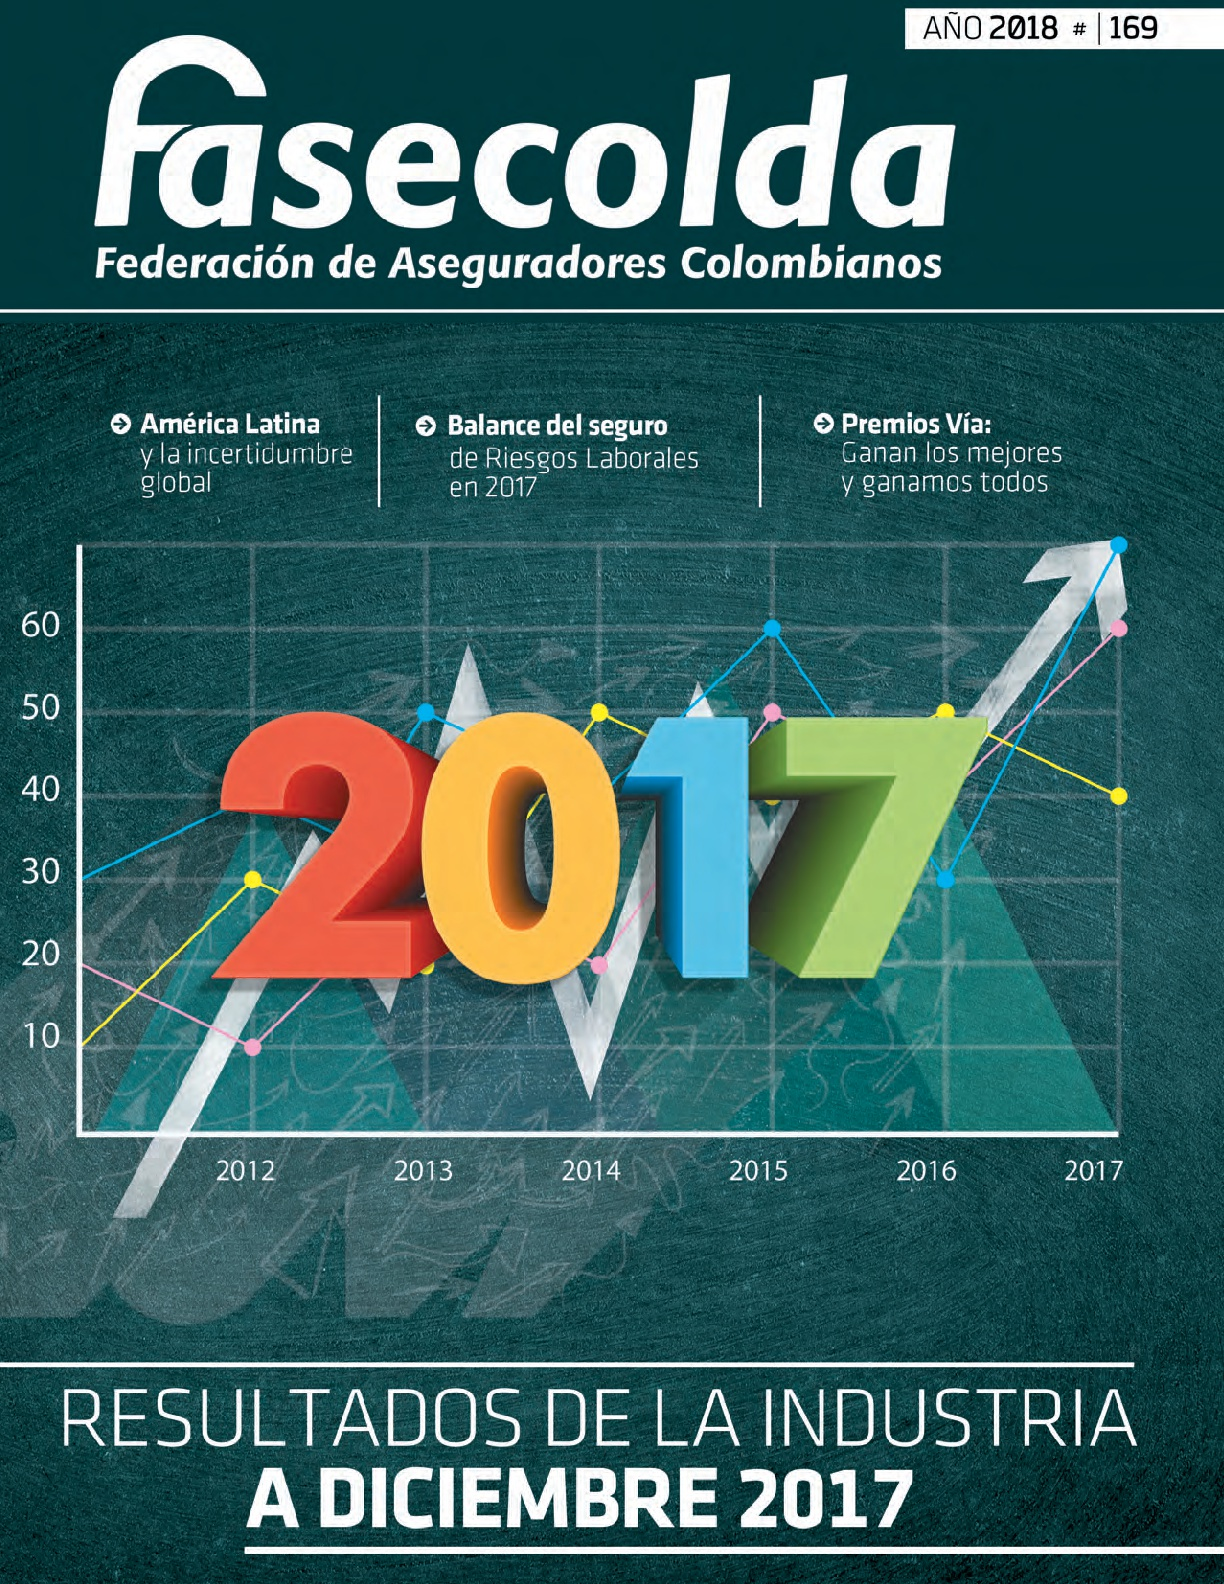 Fasecolda Federación de Aseguradores Colombianos Número 169 año 2018. Resultados de la industria a diciembre de 2017